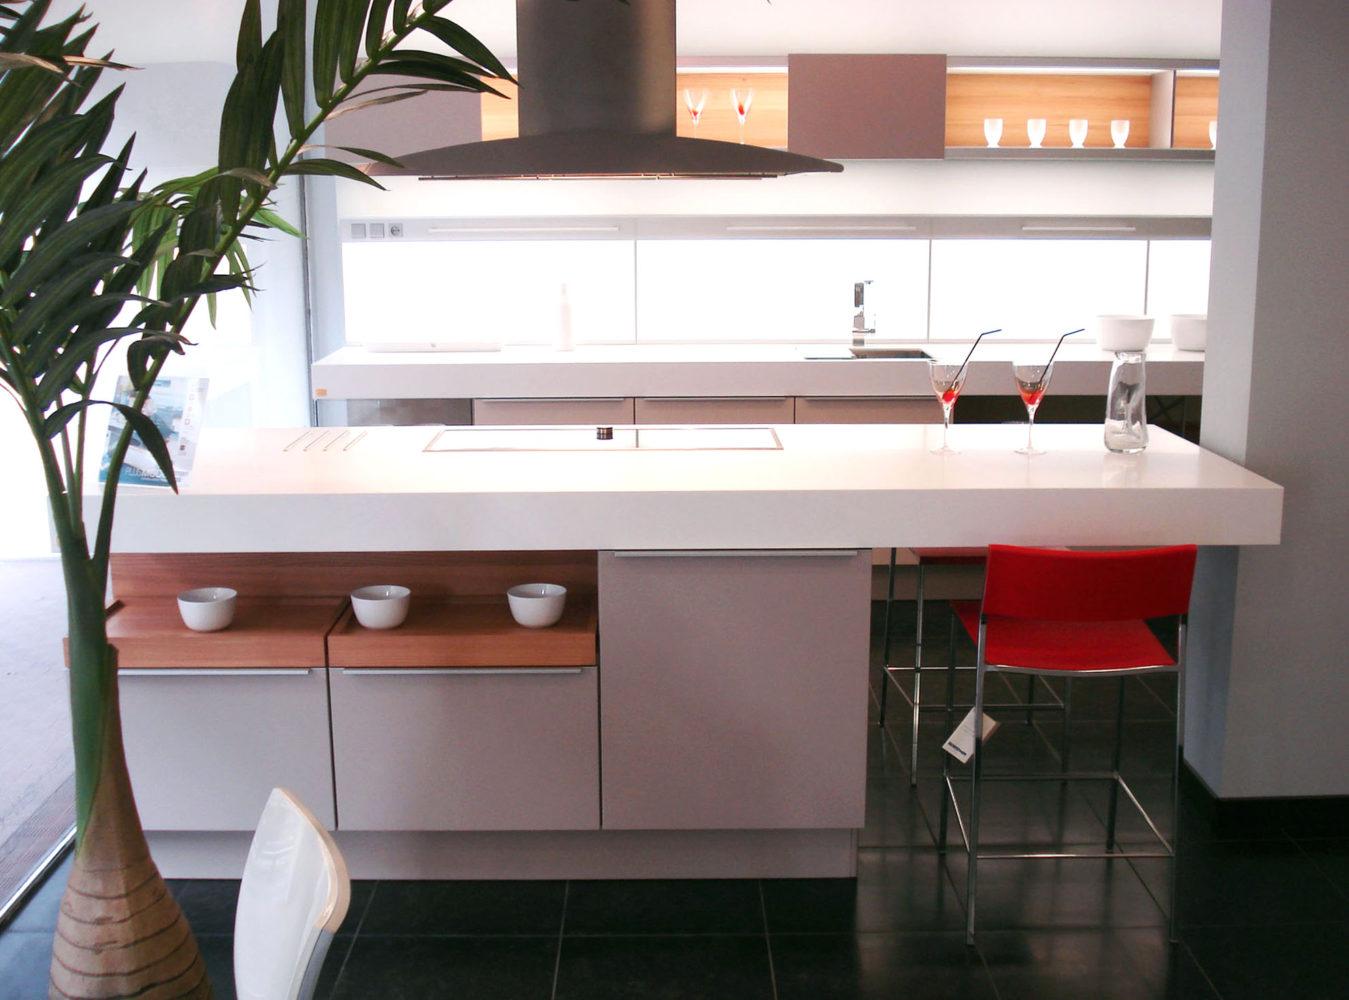 Plan De Travail Avec Jambage cuisine - manufacture contemporaine bois & corian